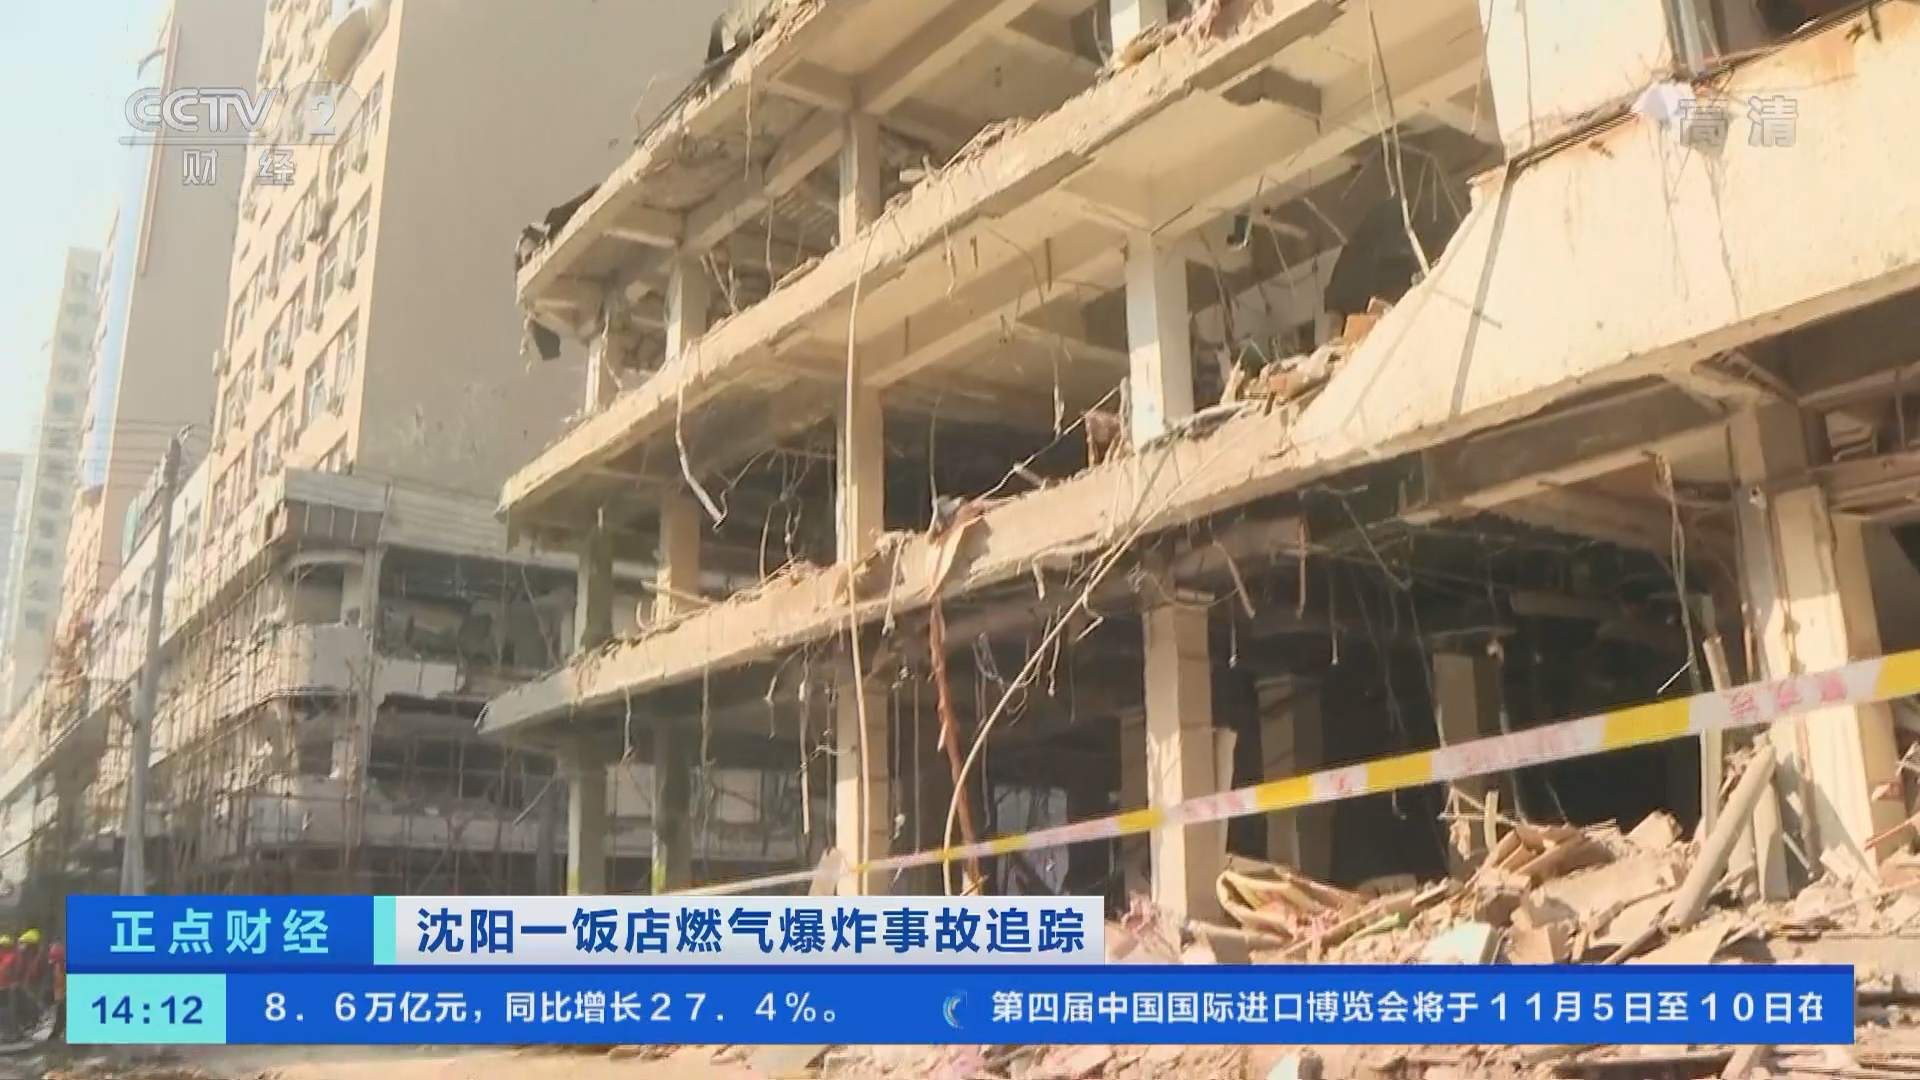 [正点财经]沈阳一饭店燃气爆炸事故追踪 爆炸毁坏建筑正在加固